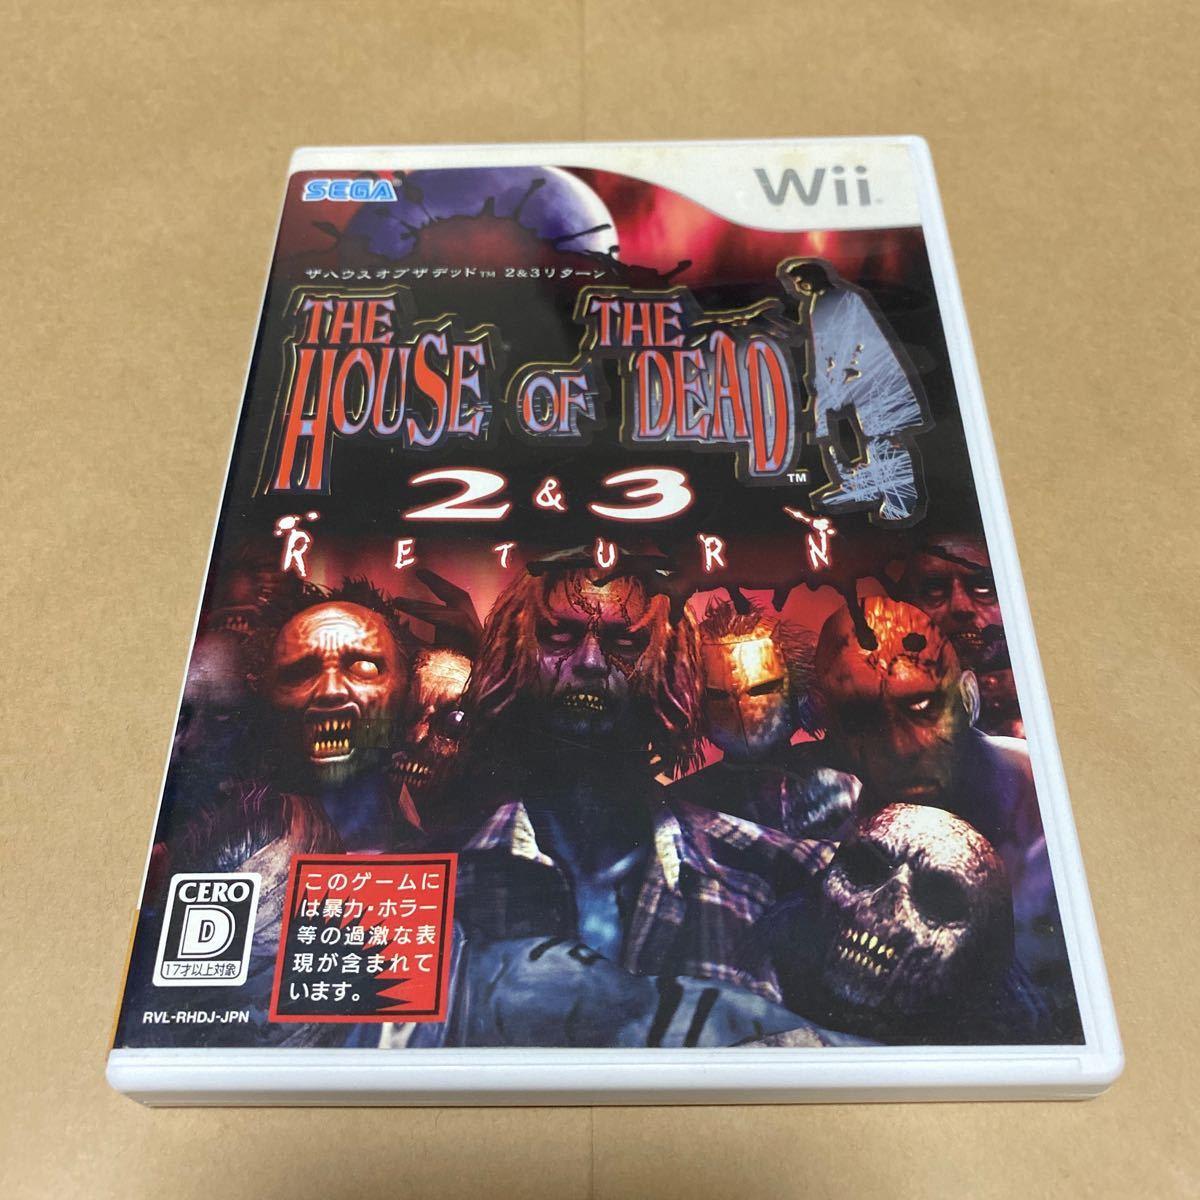 ザ・ハウス・オブ・ザ・デッド2&3 リターン Wii